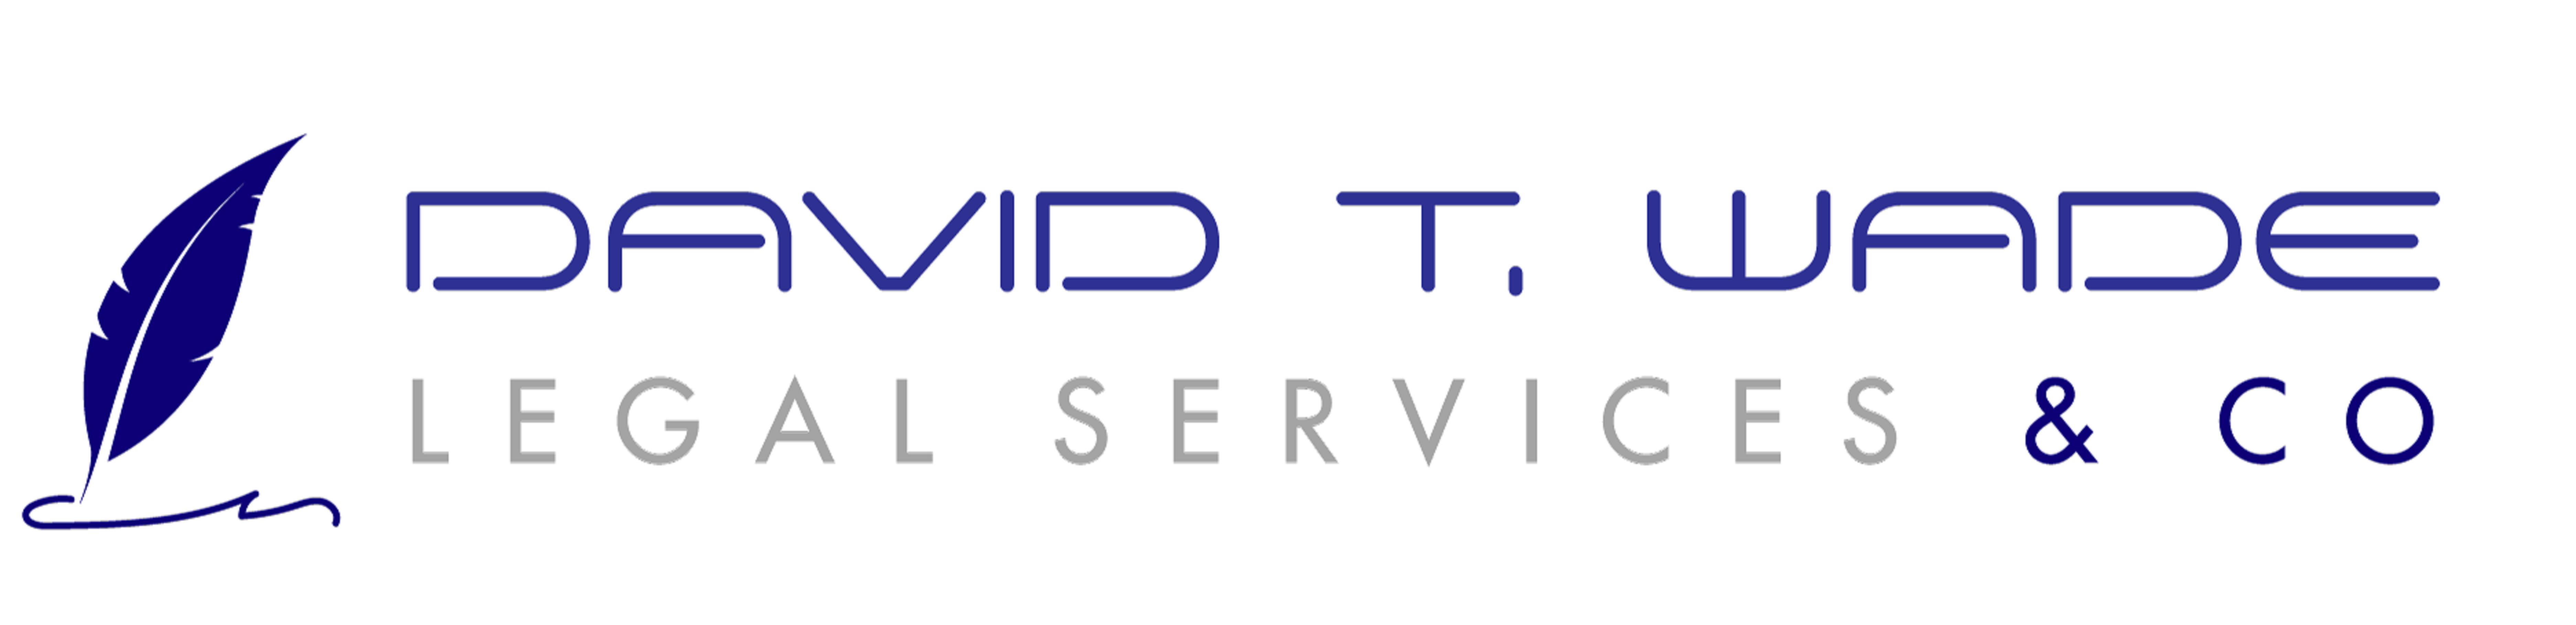 David T. Wade & Co